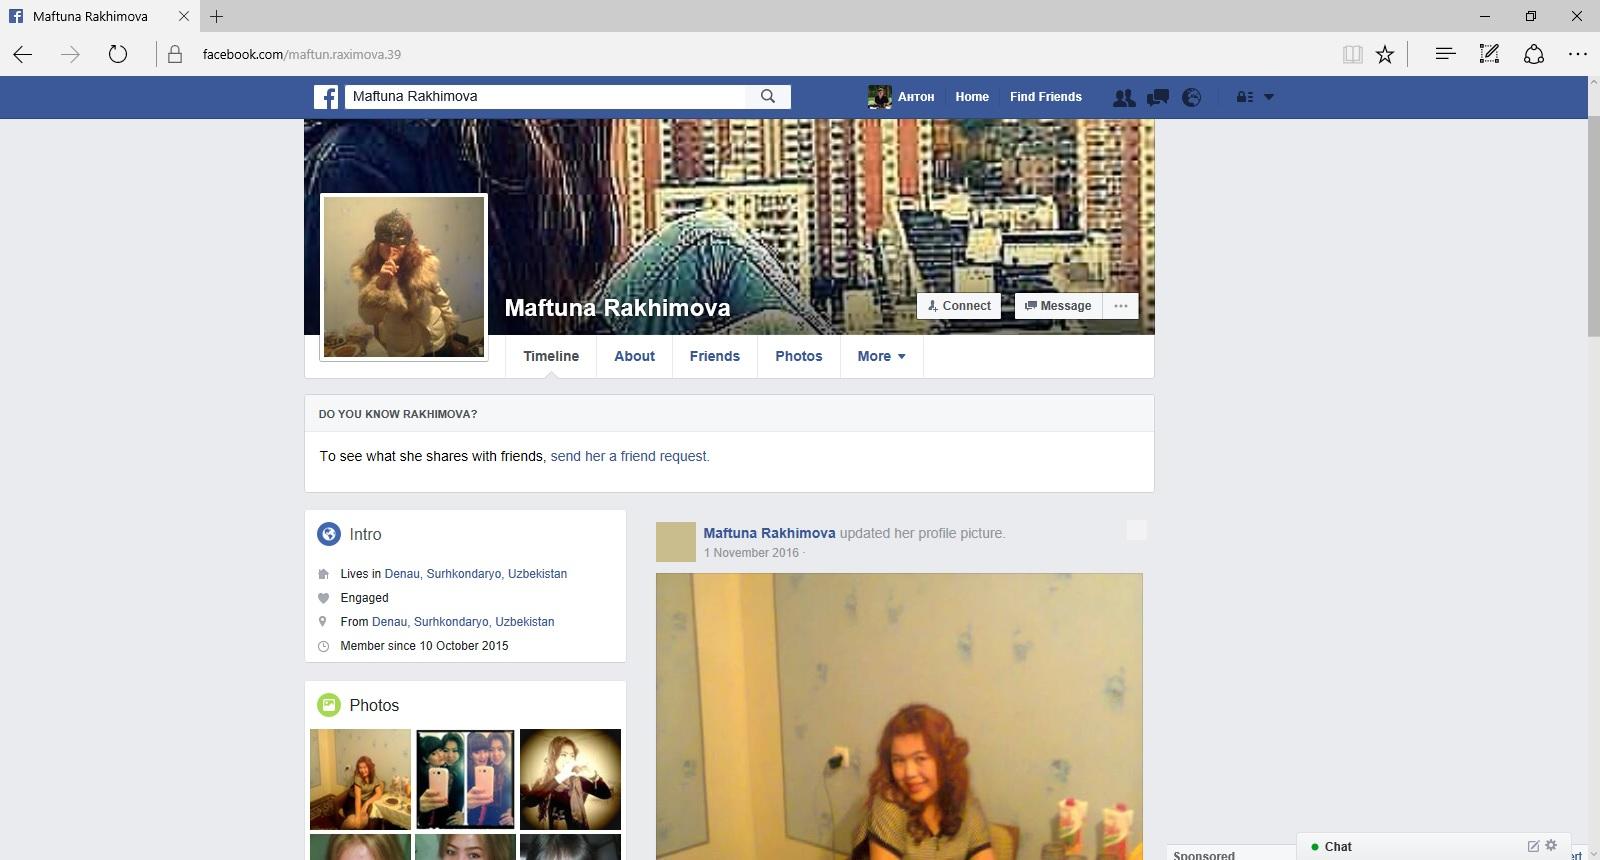 maftuna_rakhimova_fb